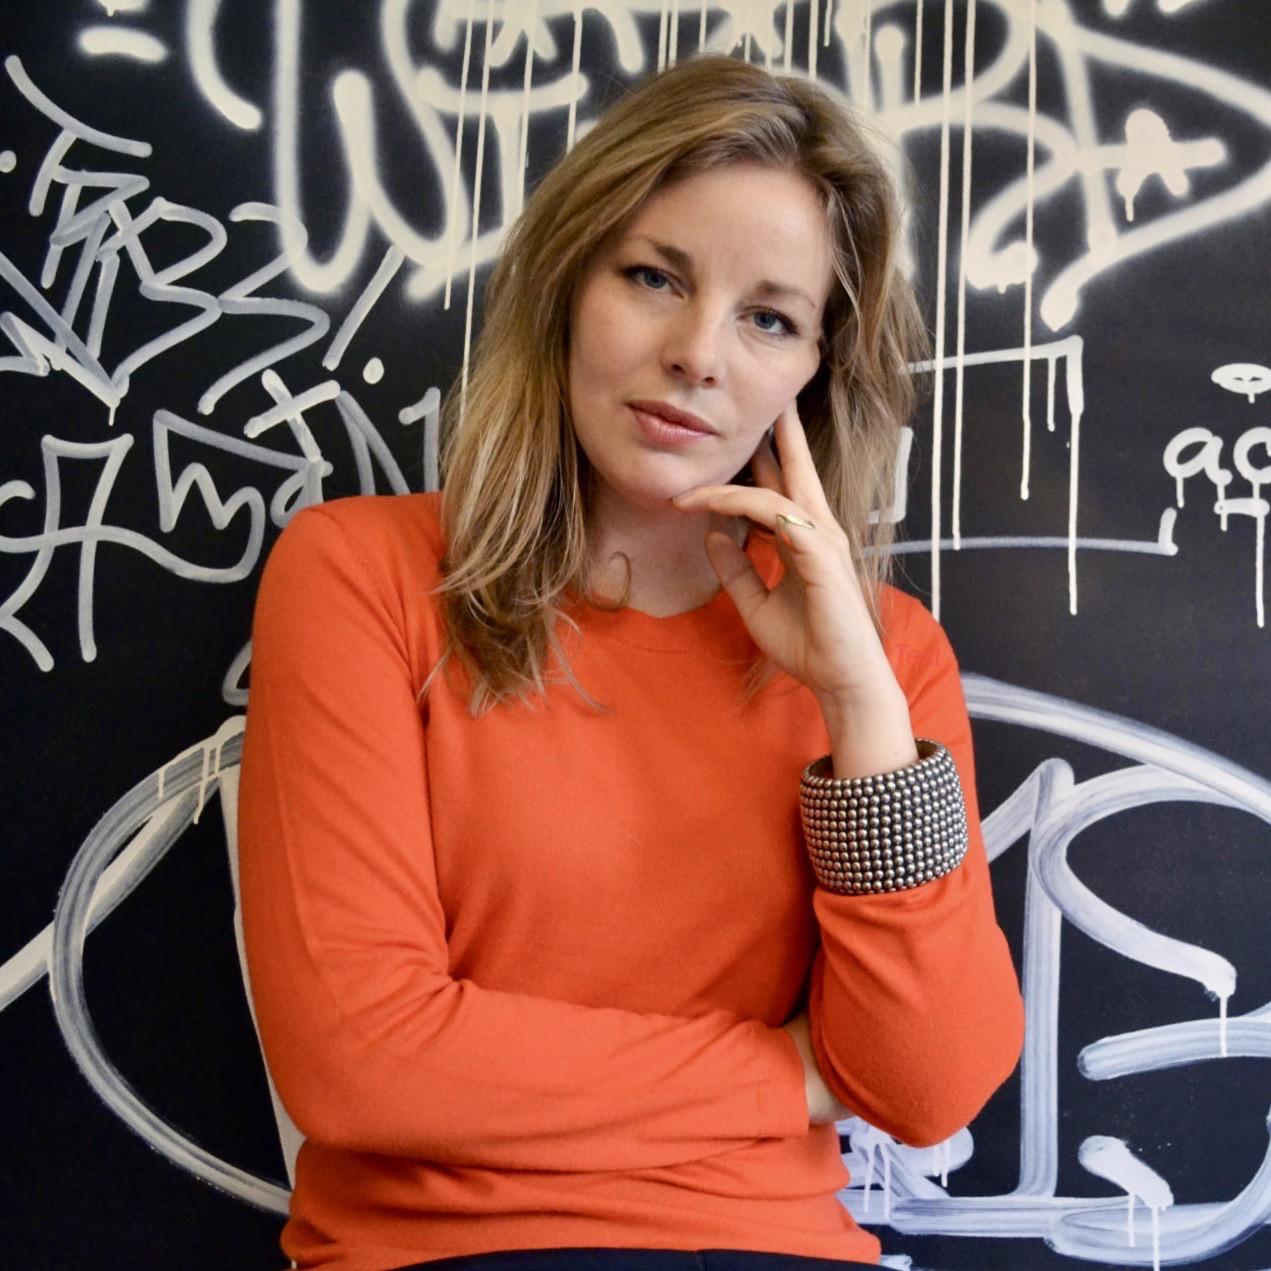 Lina Maria Mannheimer